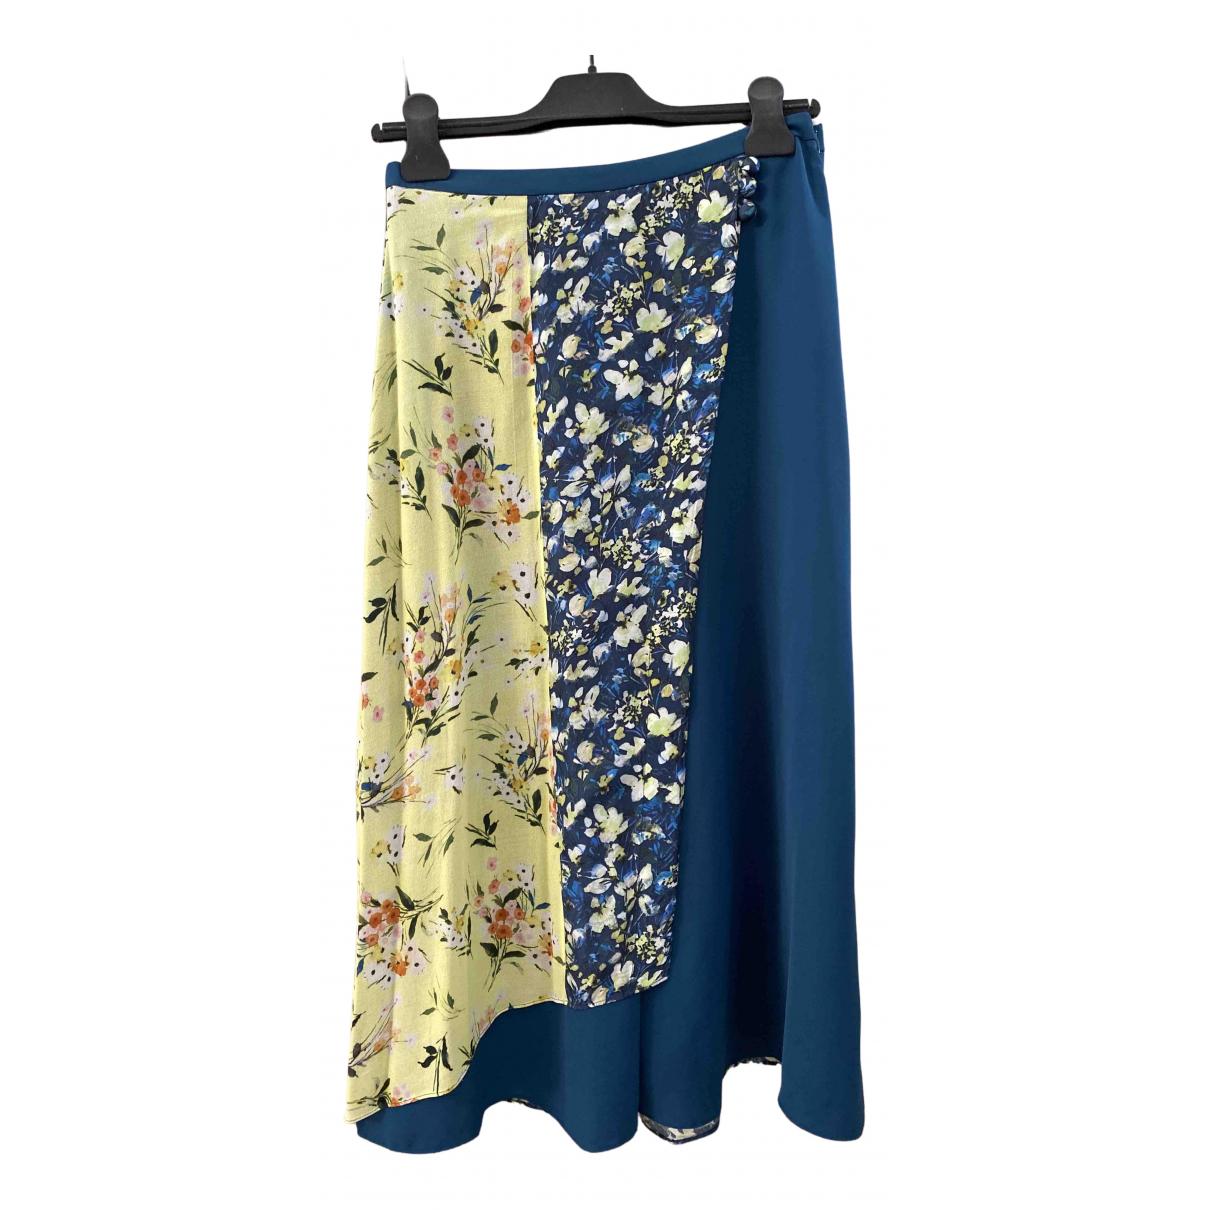 Acne Studios - Jupe   pour femme en soie - multicolore